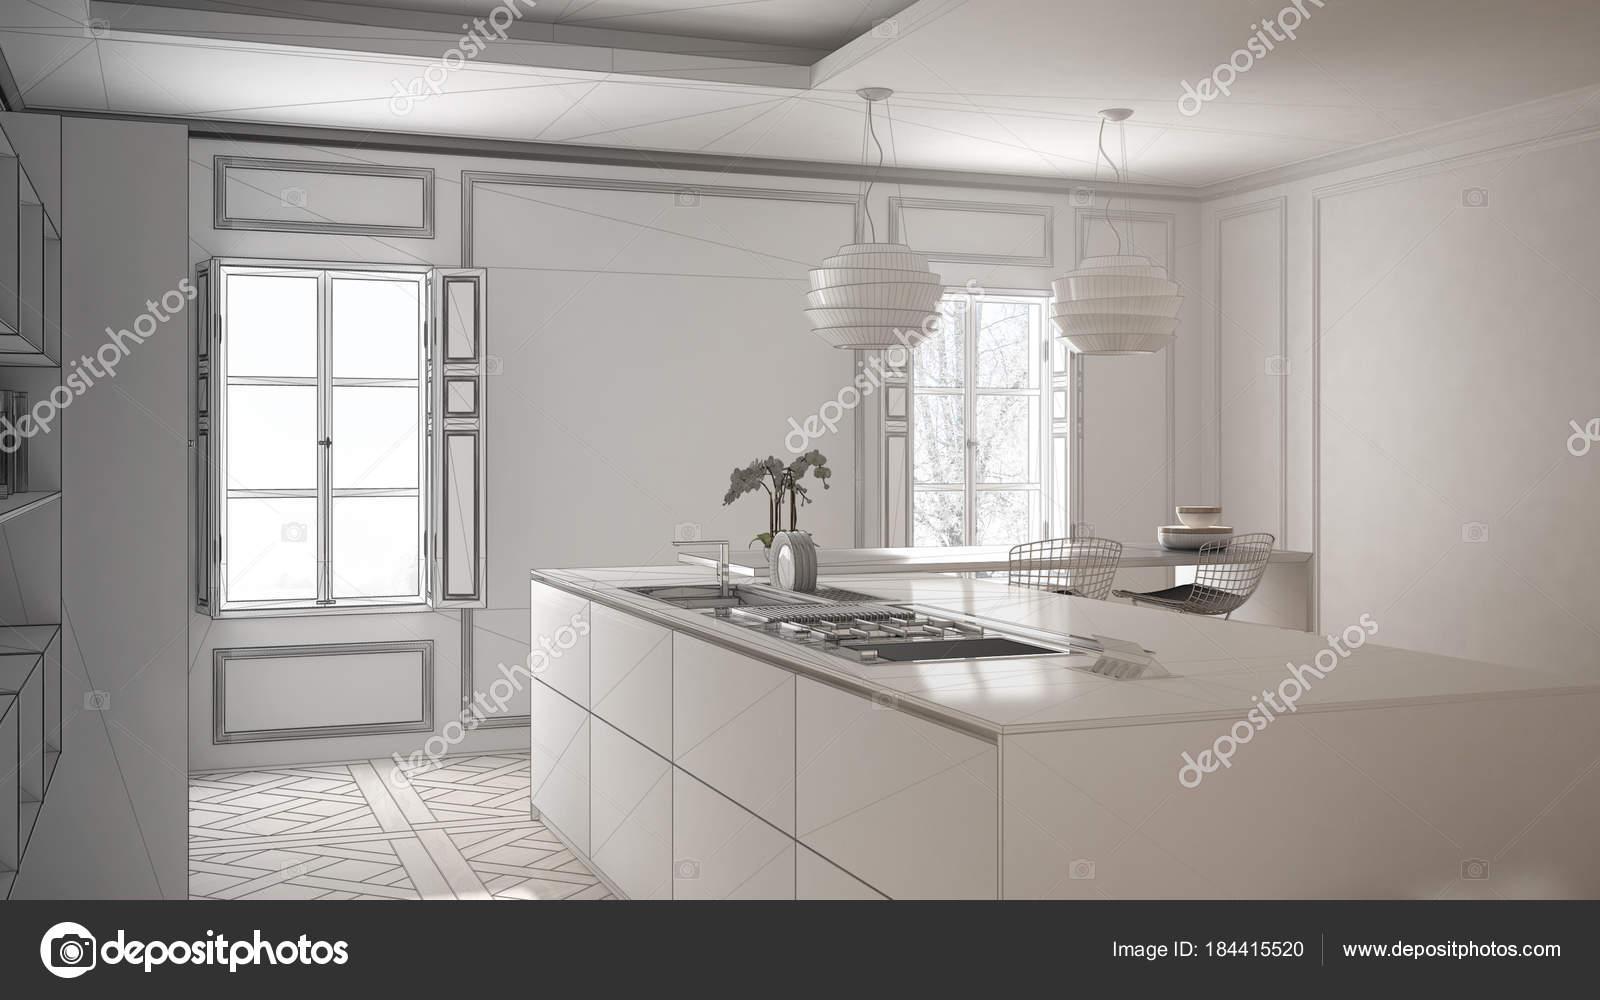 Unvollendete Projekt Der Moderne Kuchenmobel Im Classic Zimmer